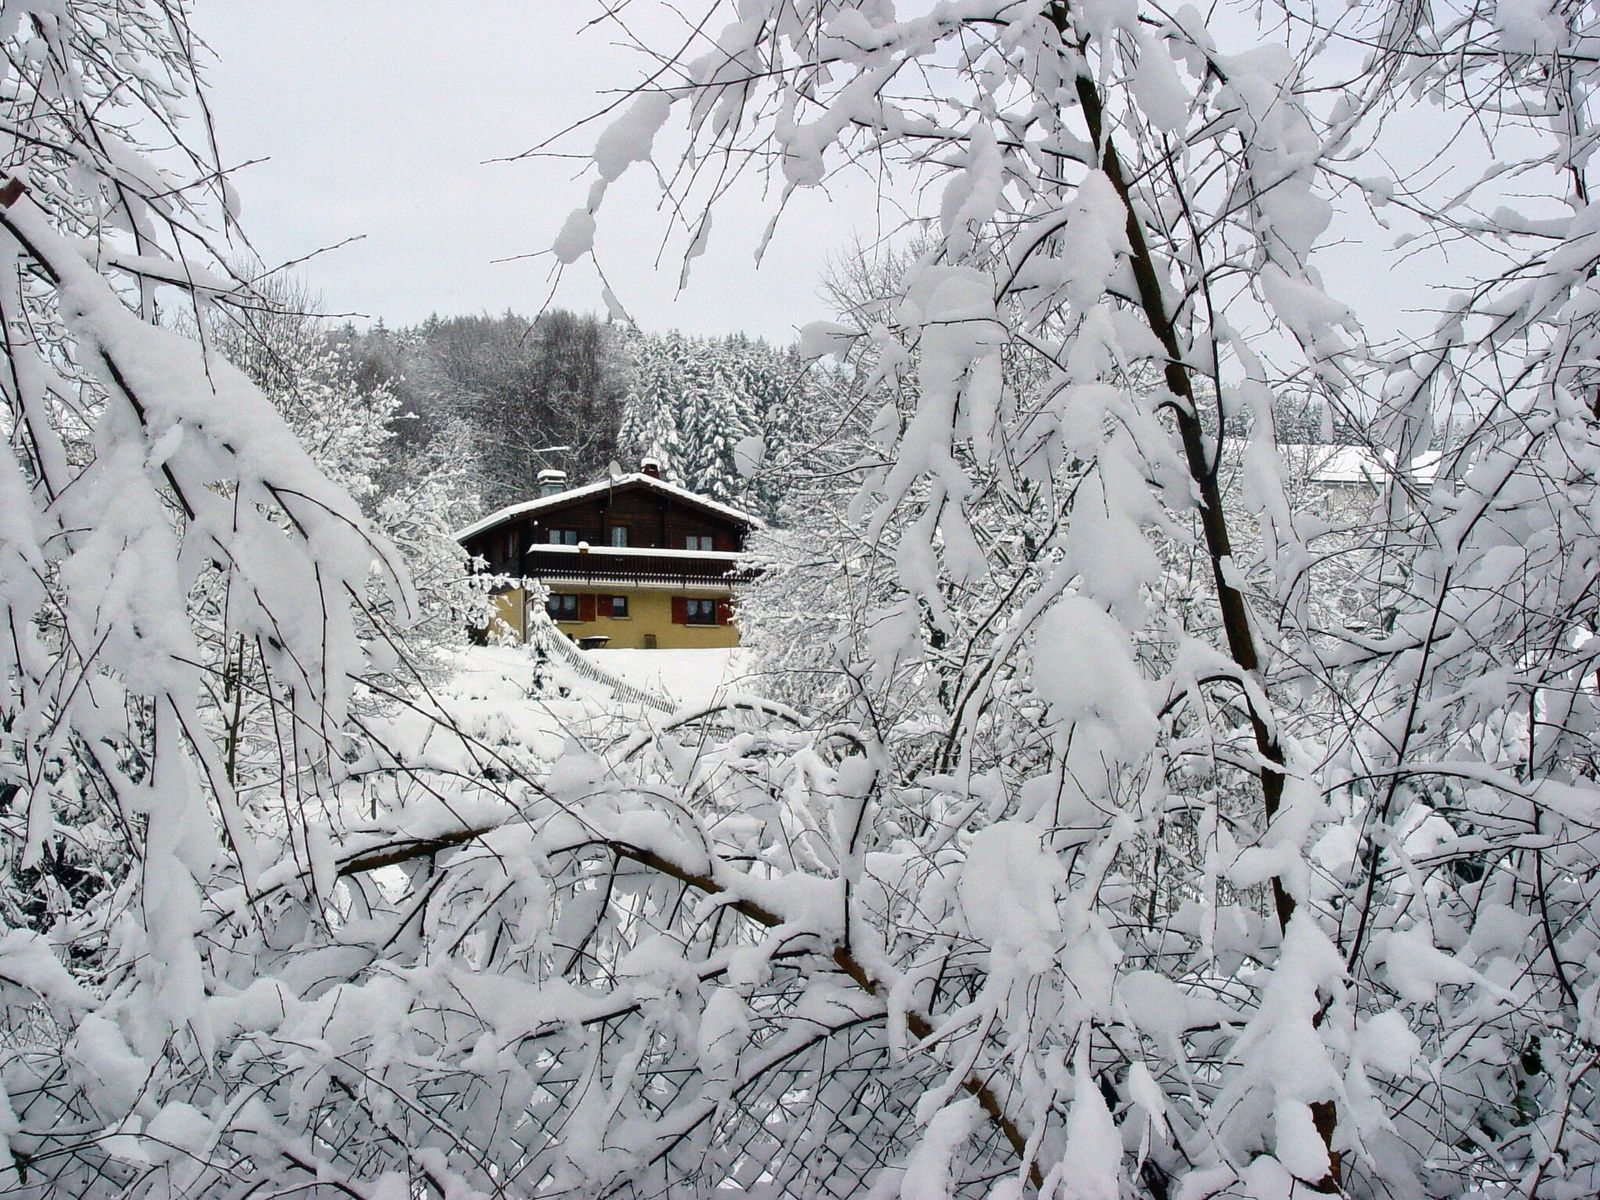 Le chalet en hiver